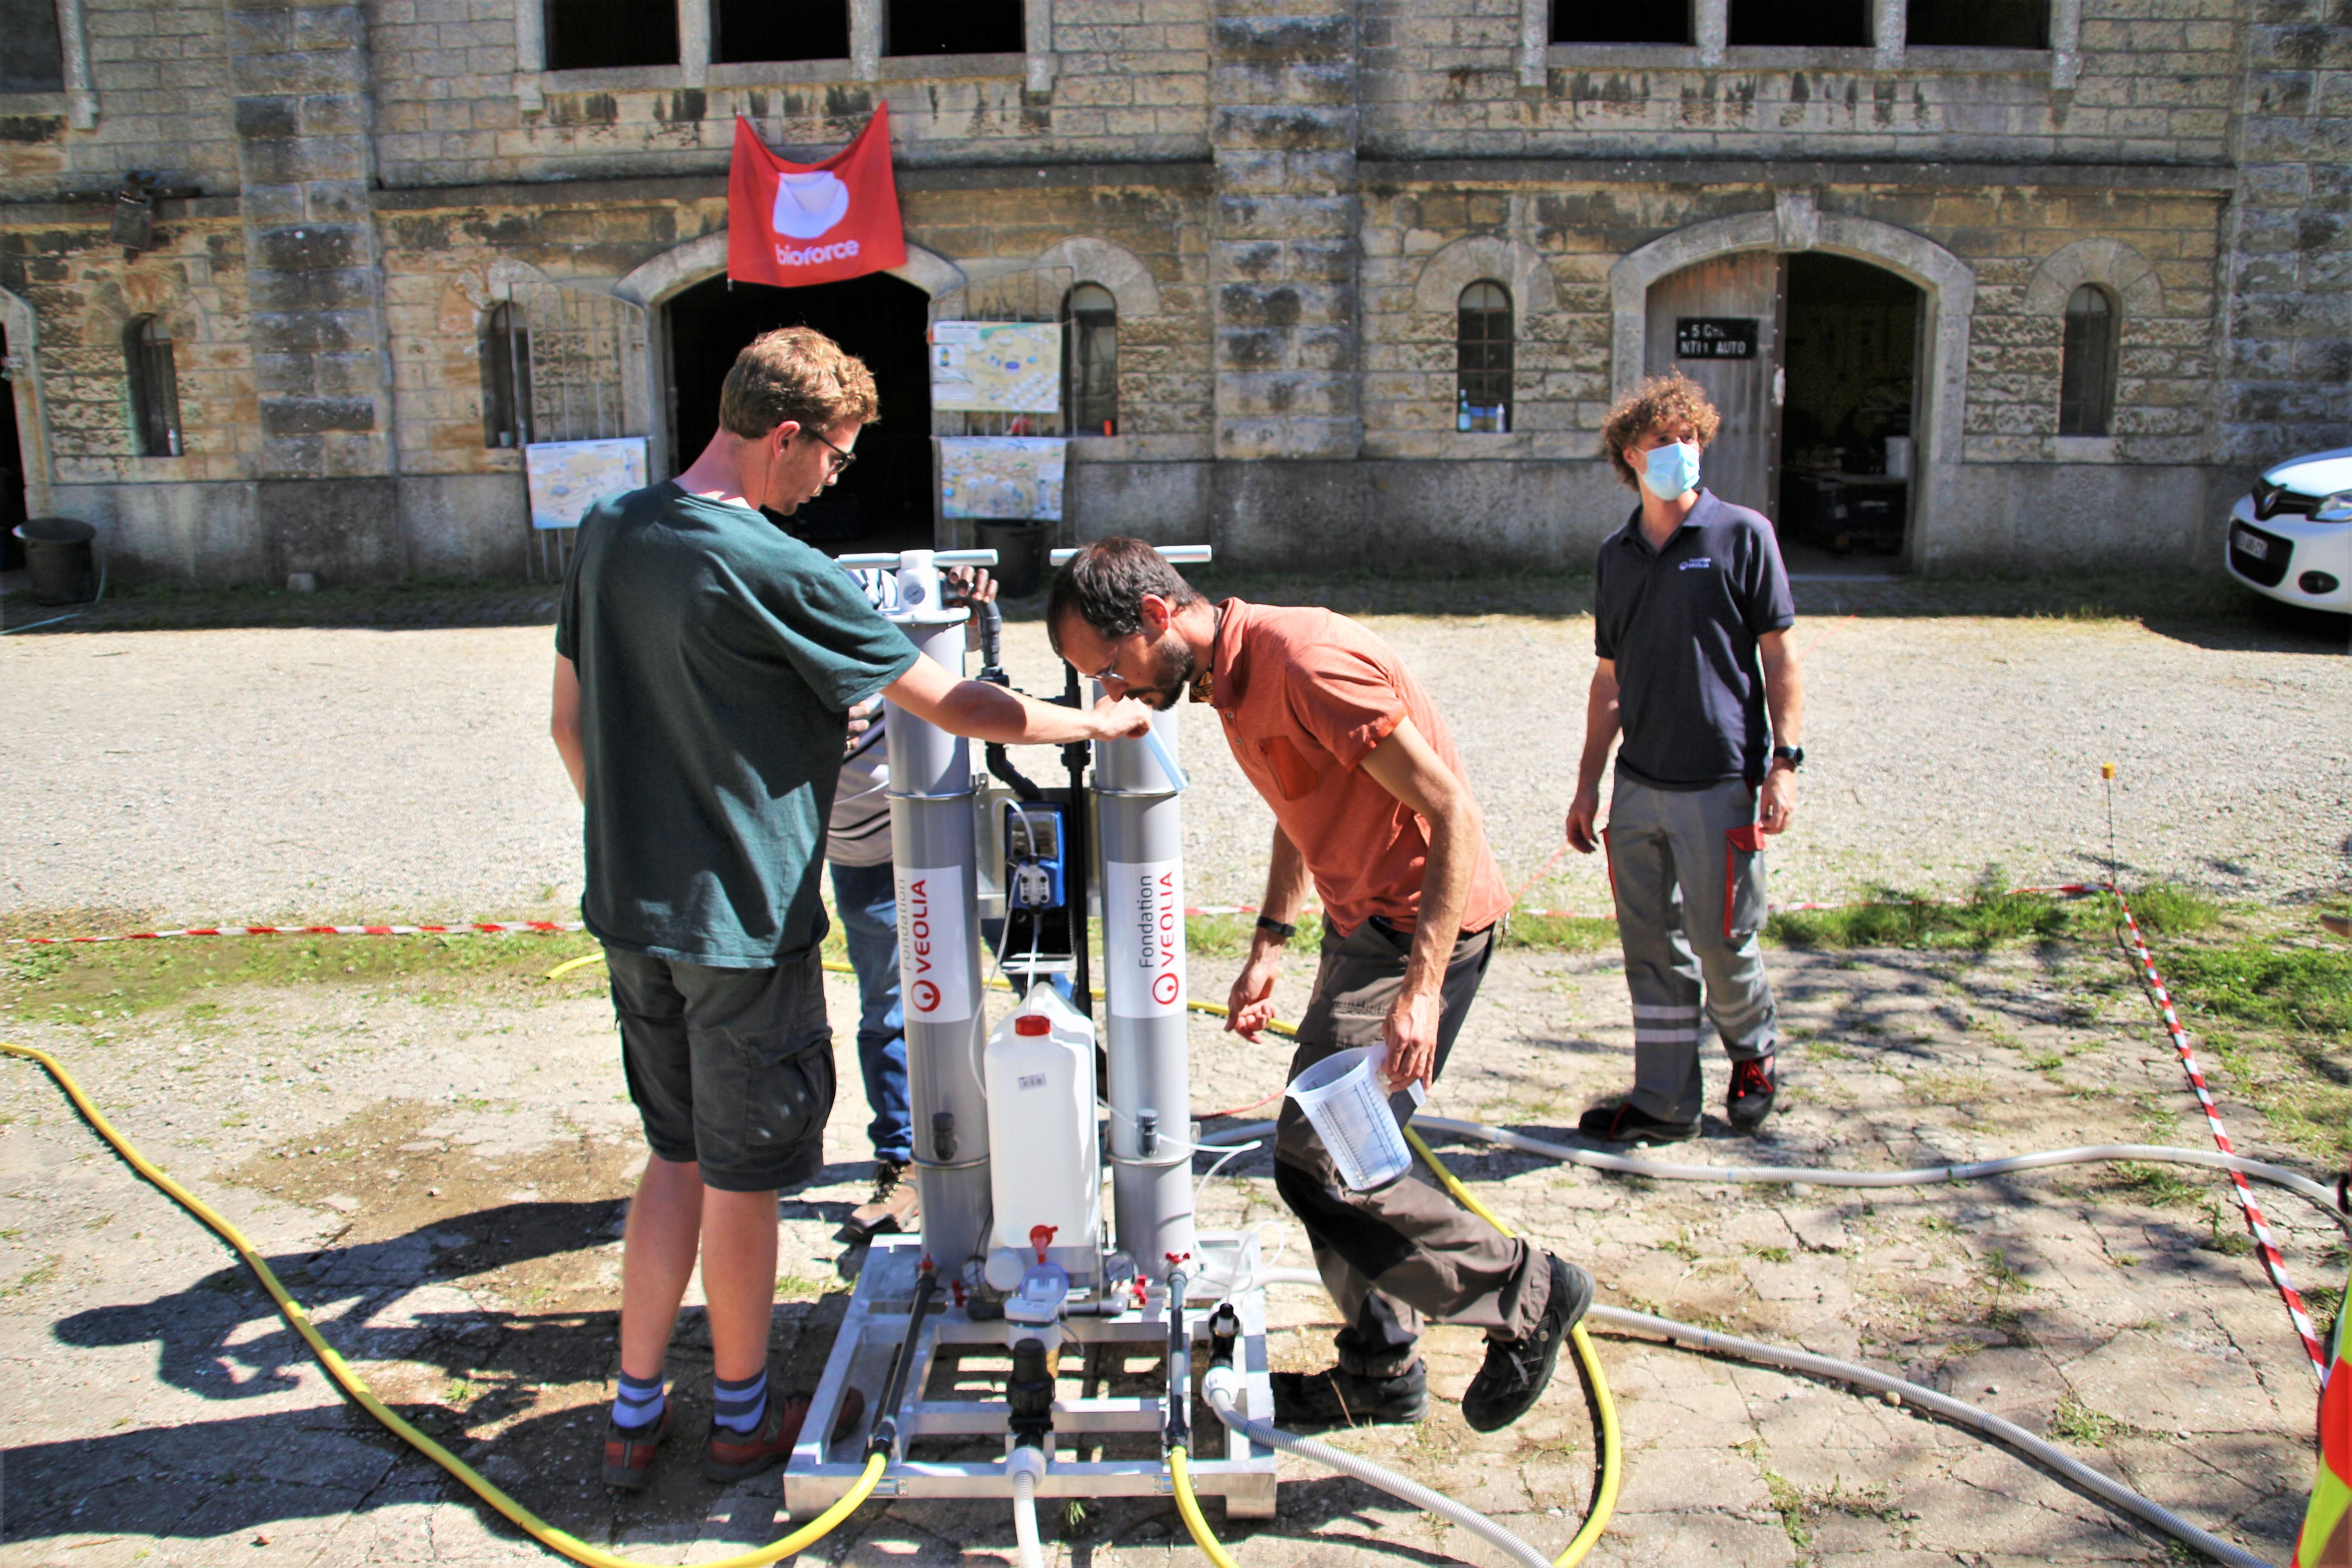 Bioforce et la fondation Veolia forment des étudiants à la production d'eau potable en urgence